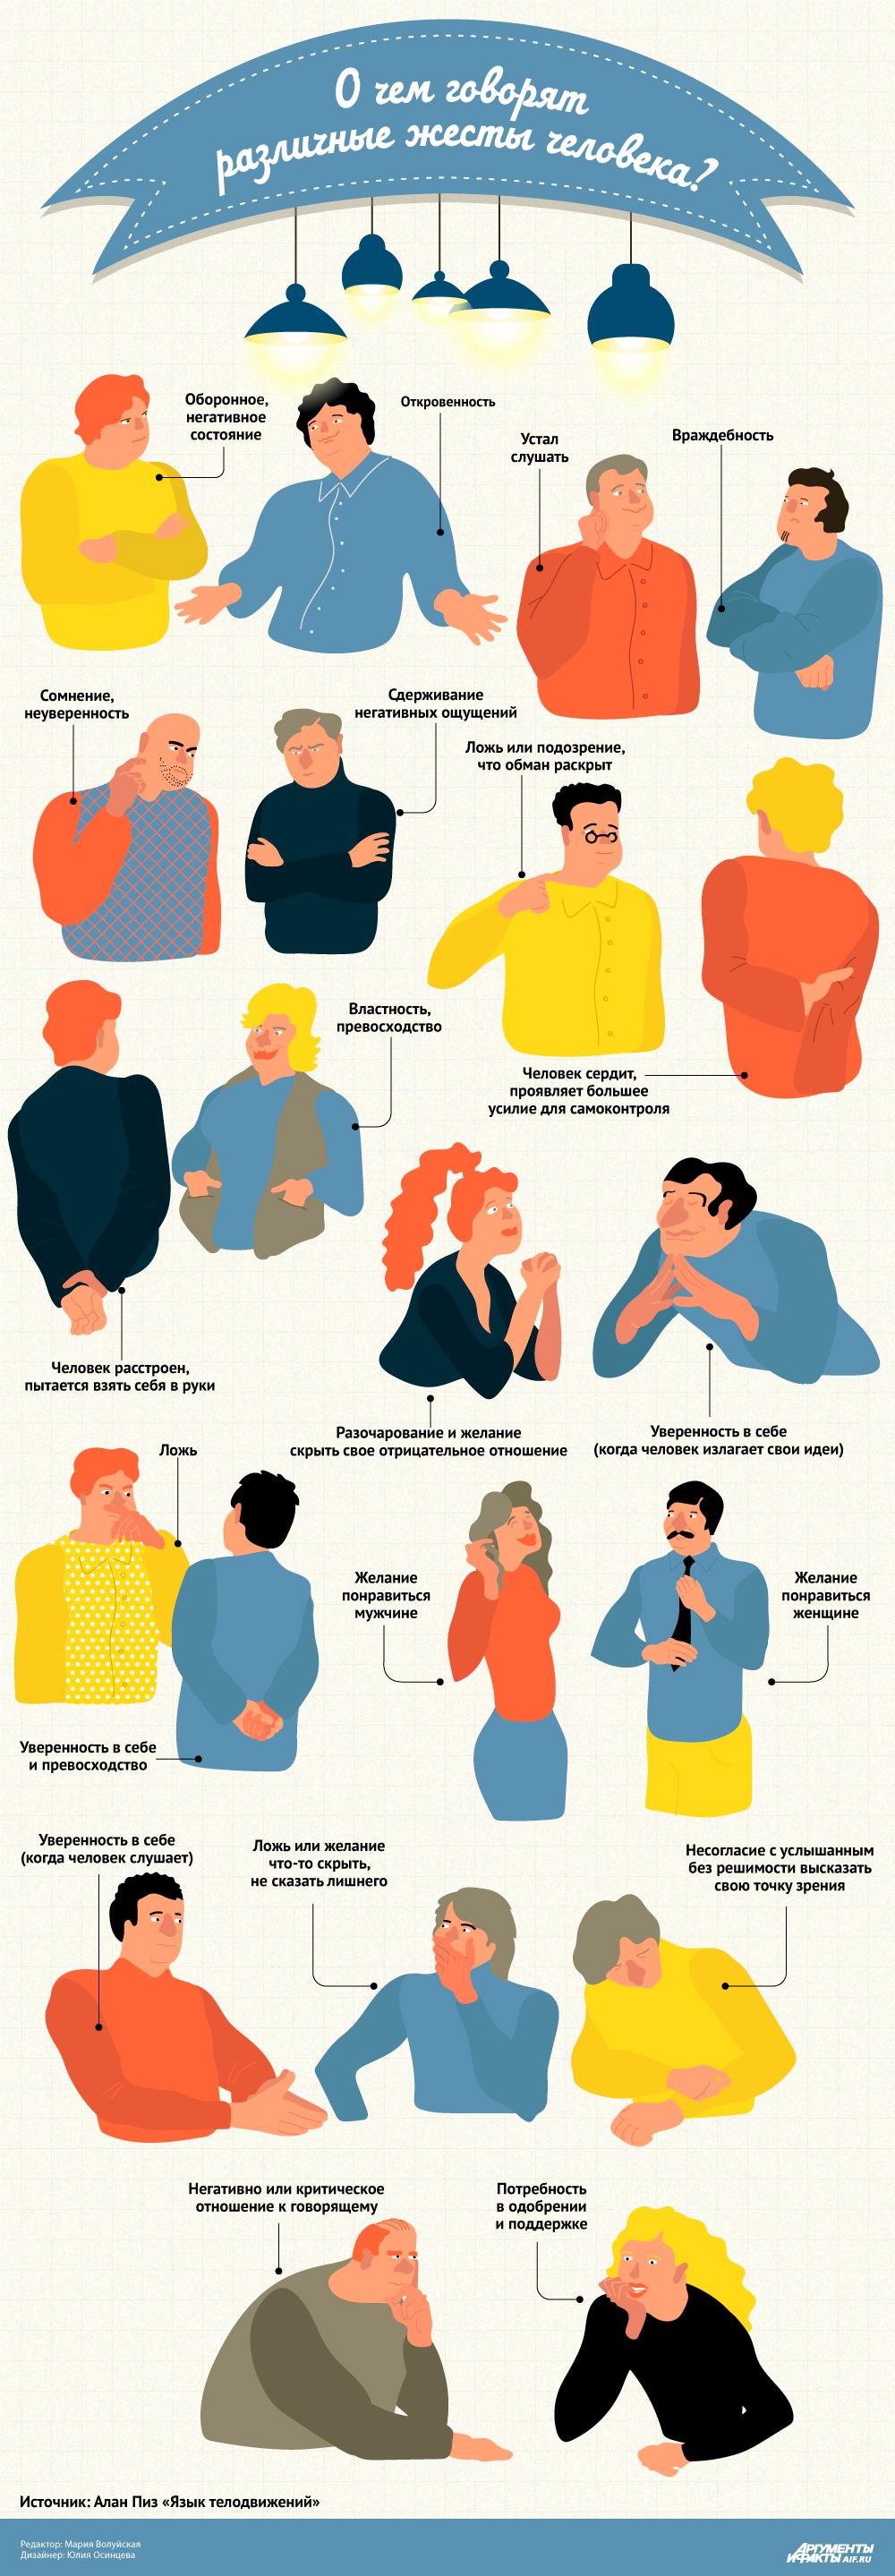 Доклад язык мимики и жестов 4352